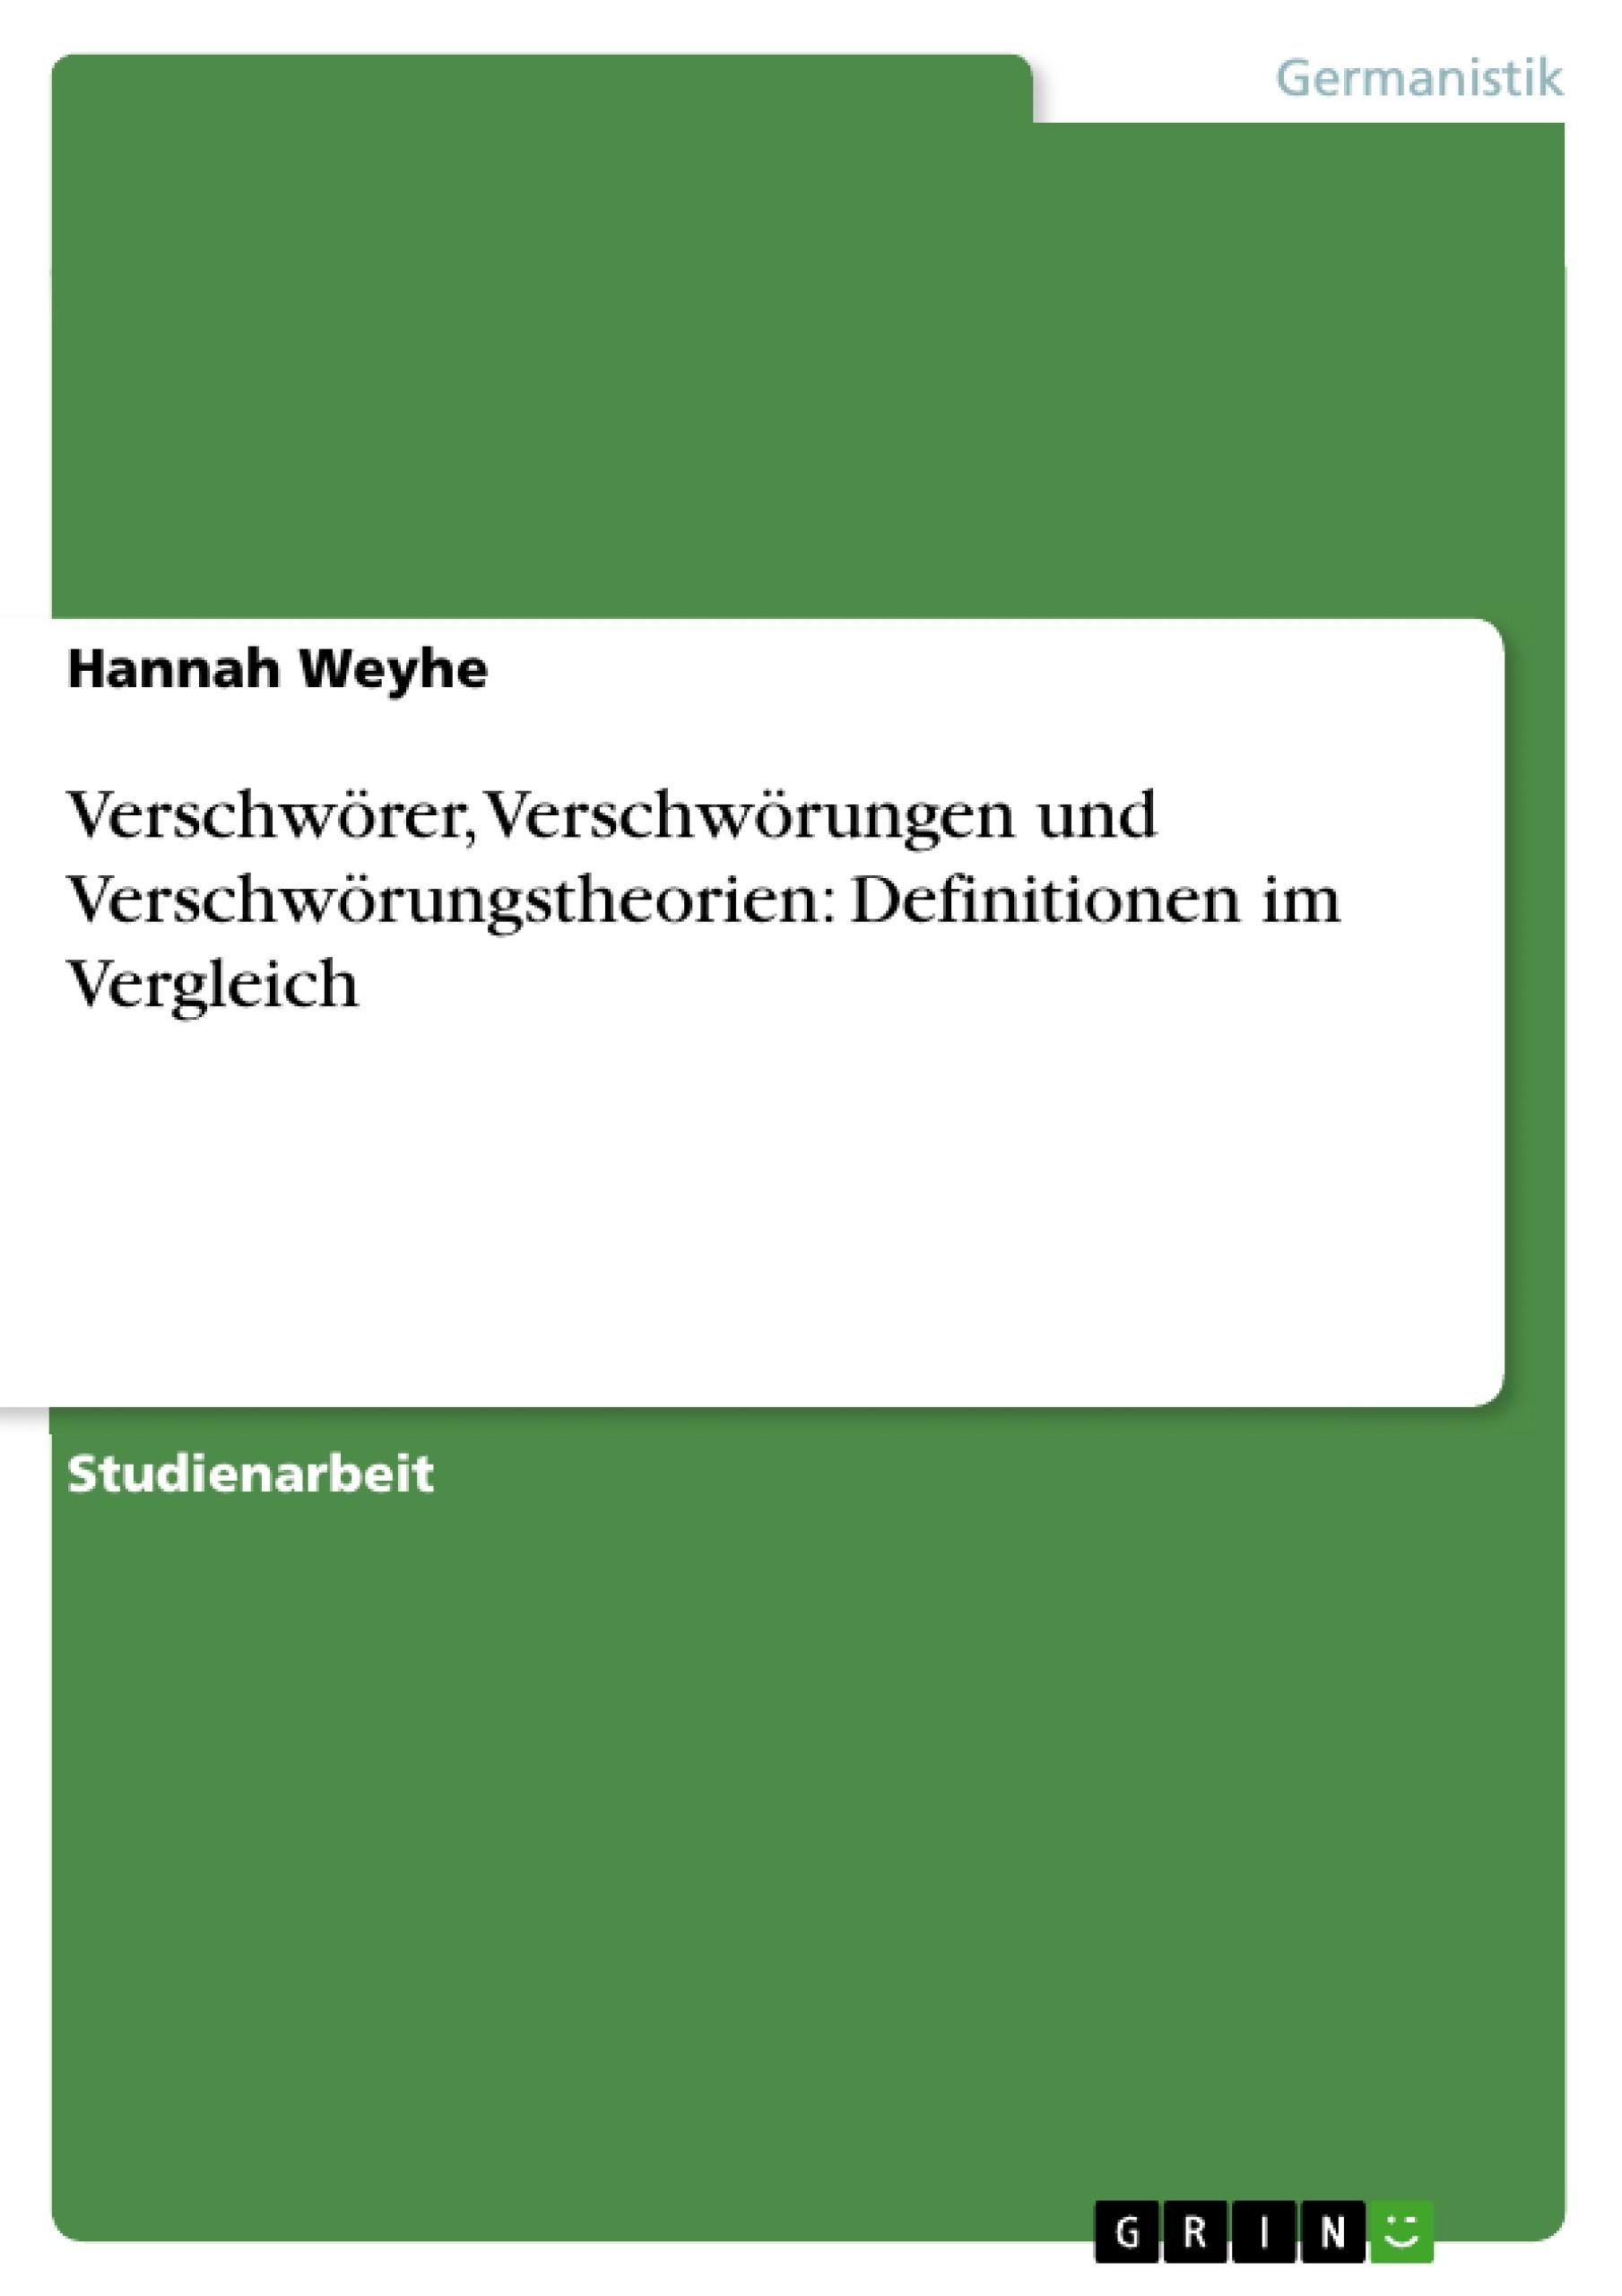 Titel: Verschwörer, Verschwörungen und Verschwörungstheorien: Definitionen im Vergleich